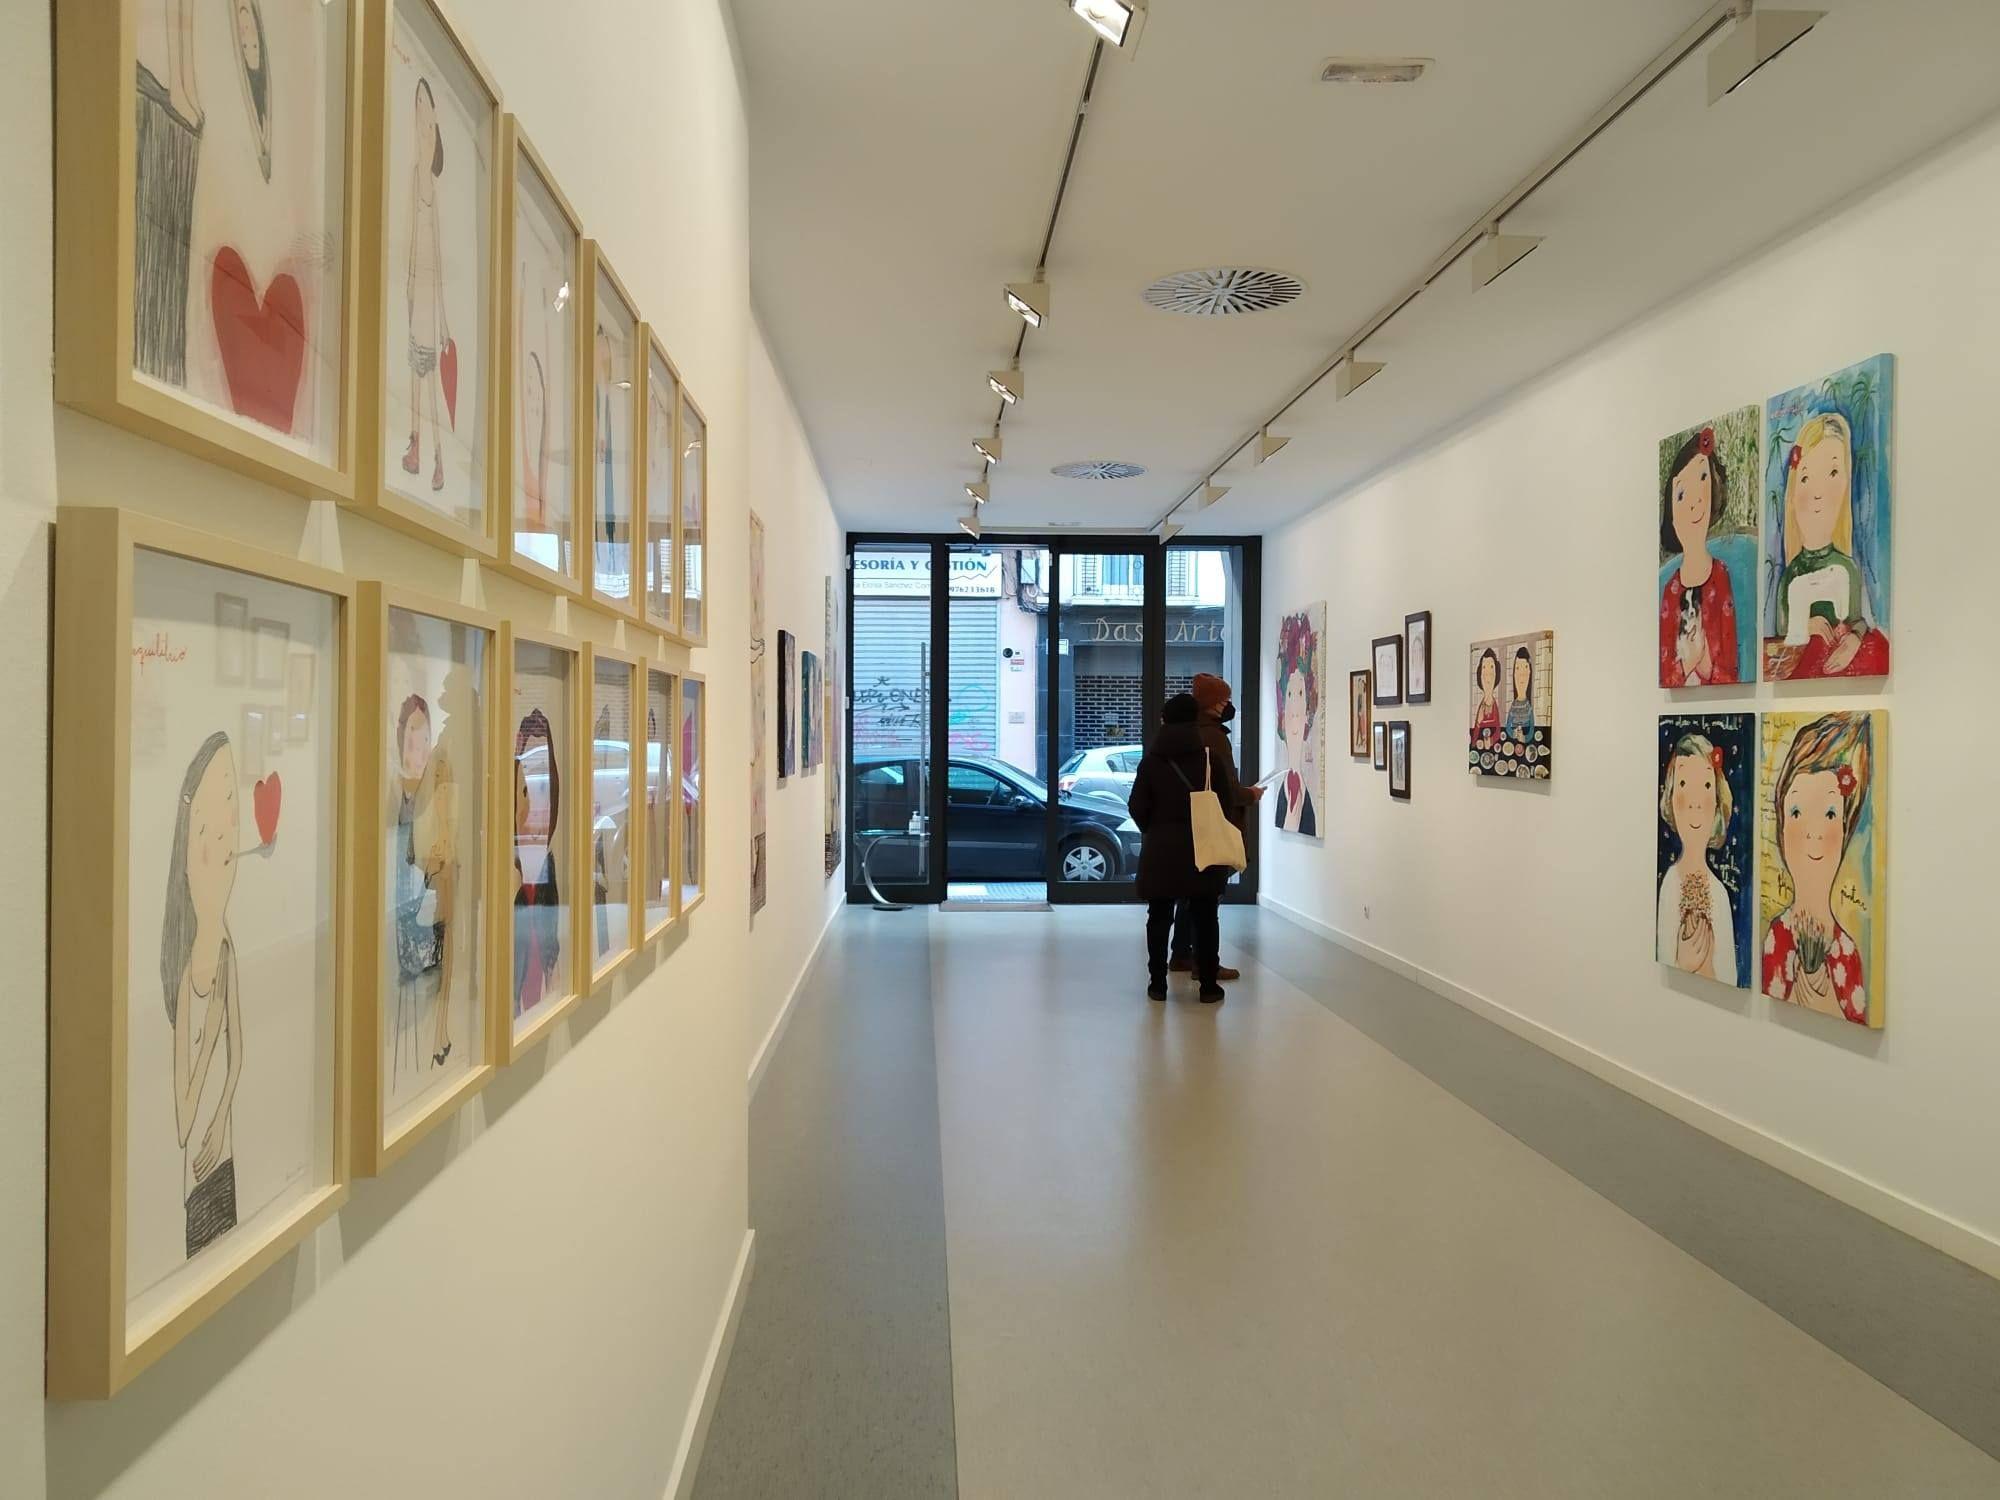 19 Nov 30 Dic Exposición Latir De Eva Armisén En Galería A Del Arte Eva Armisen Galerías Exposiciones